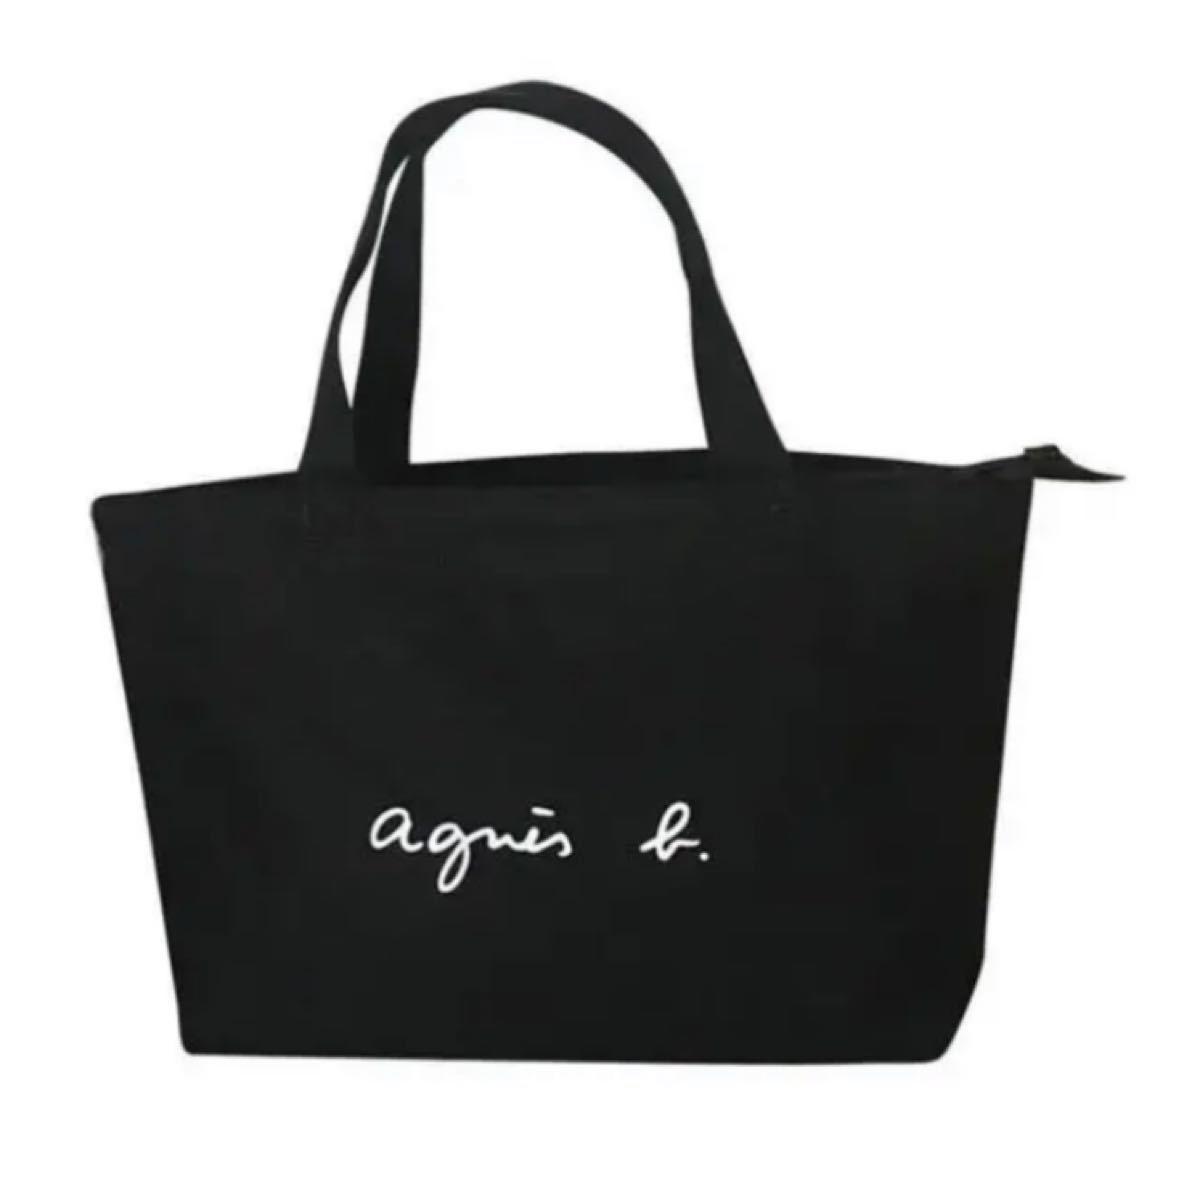 agnes b. アニエスベートートバッグ ロゴトートバッグ